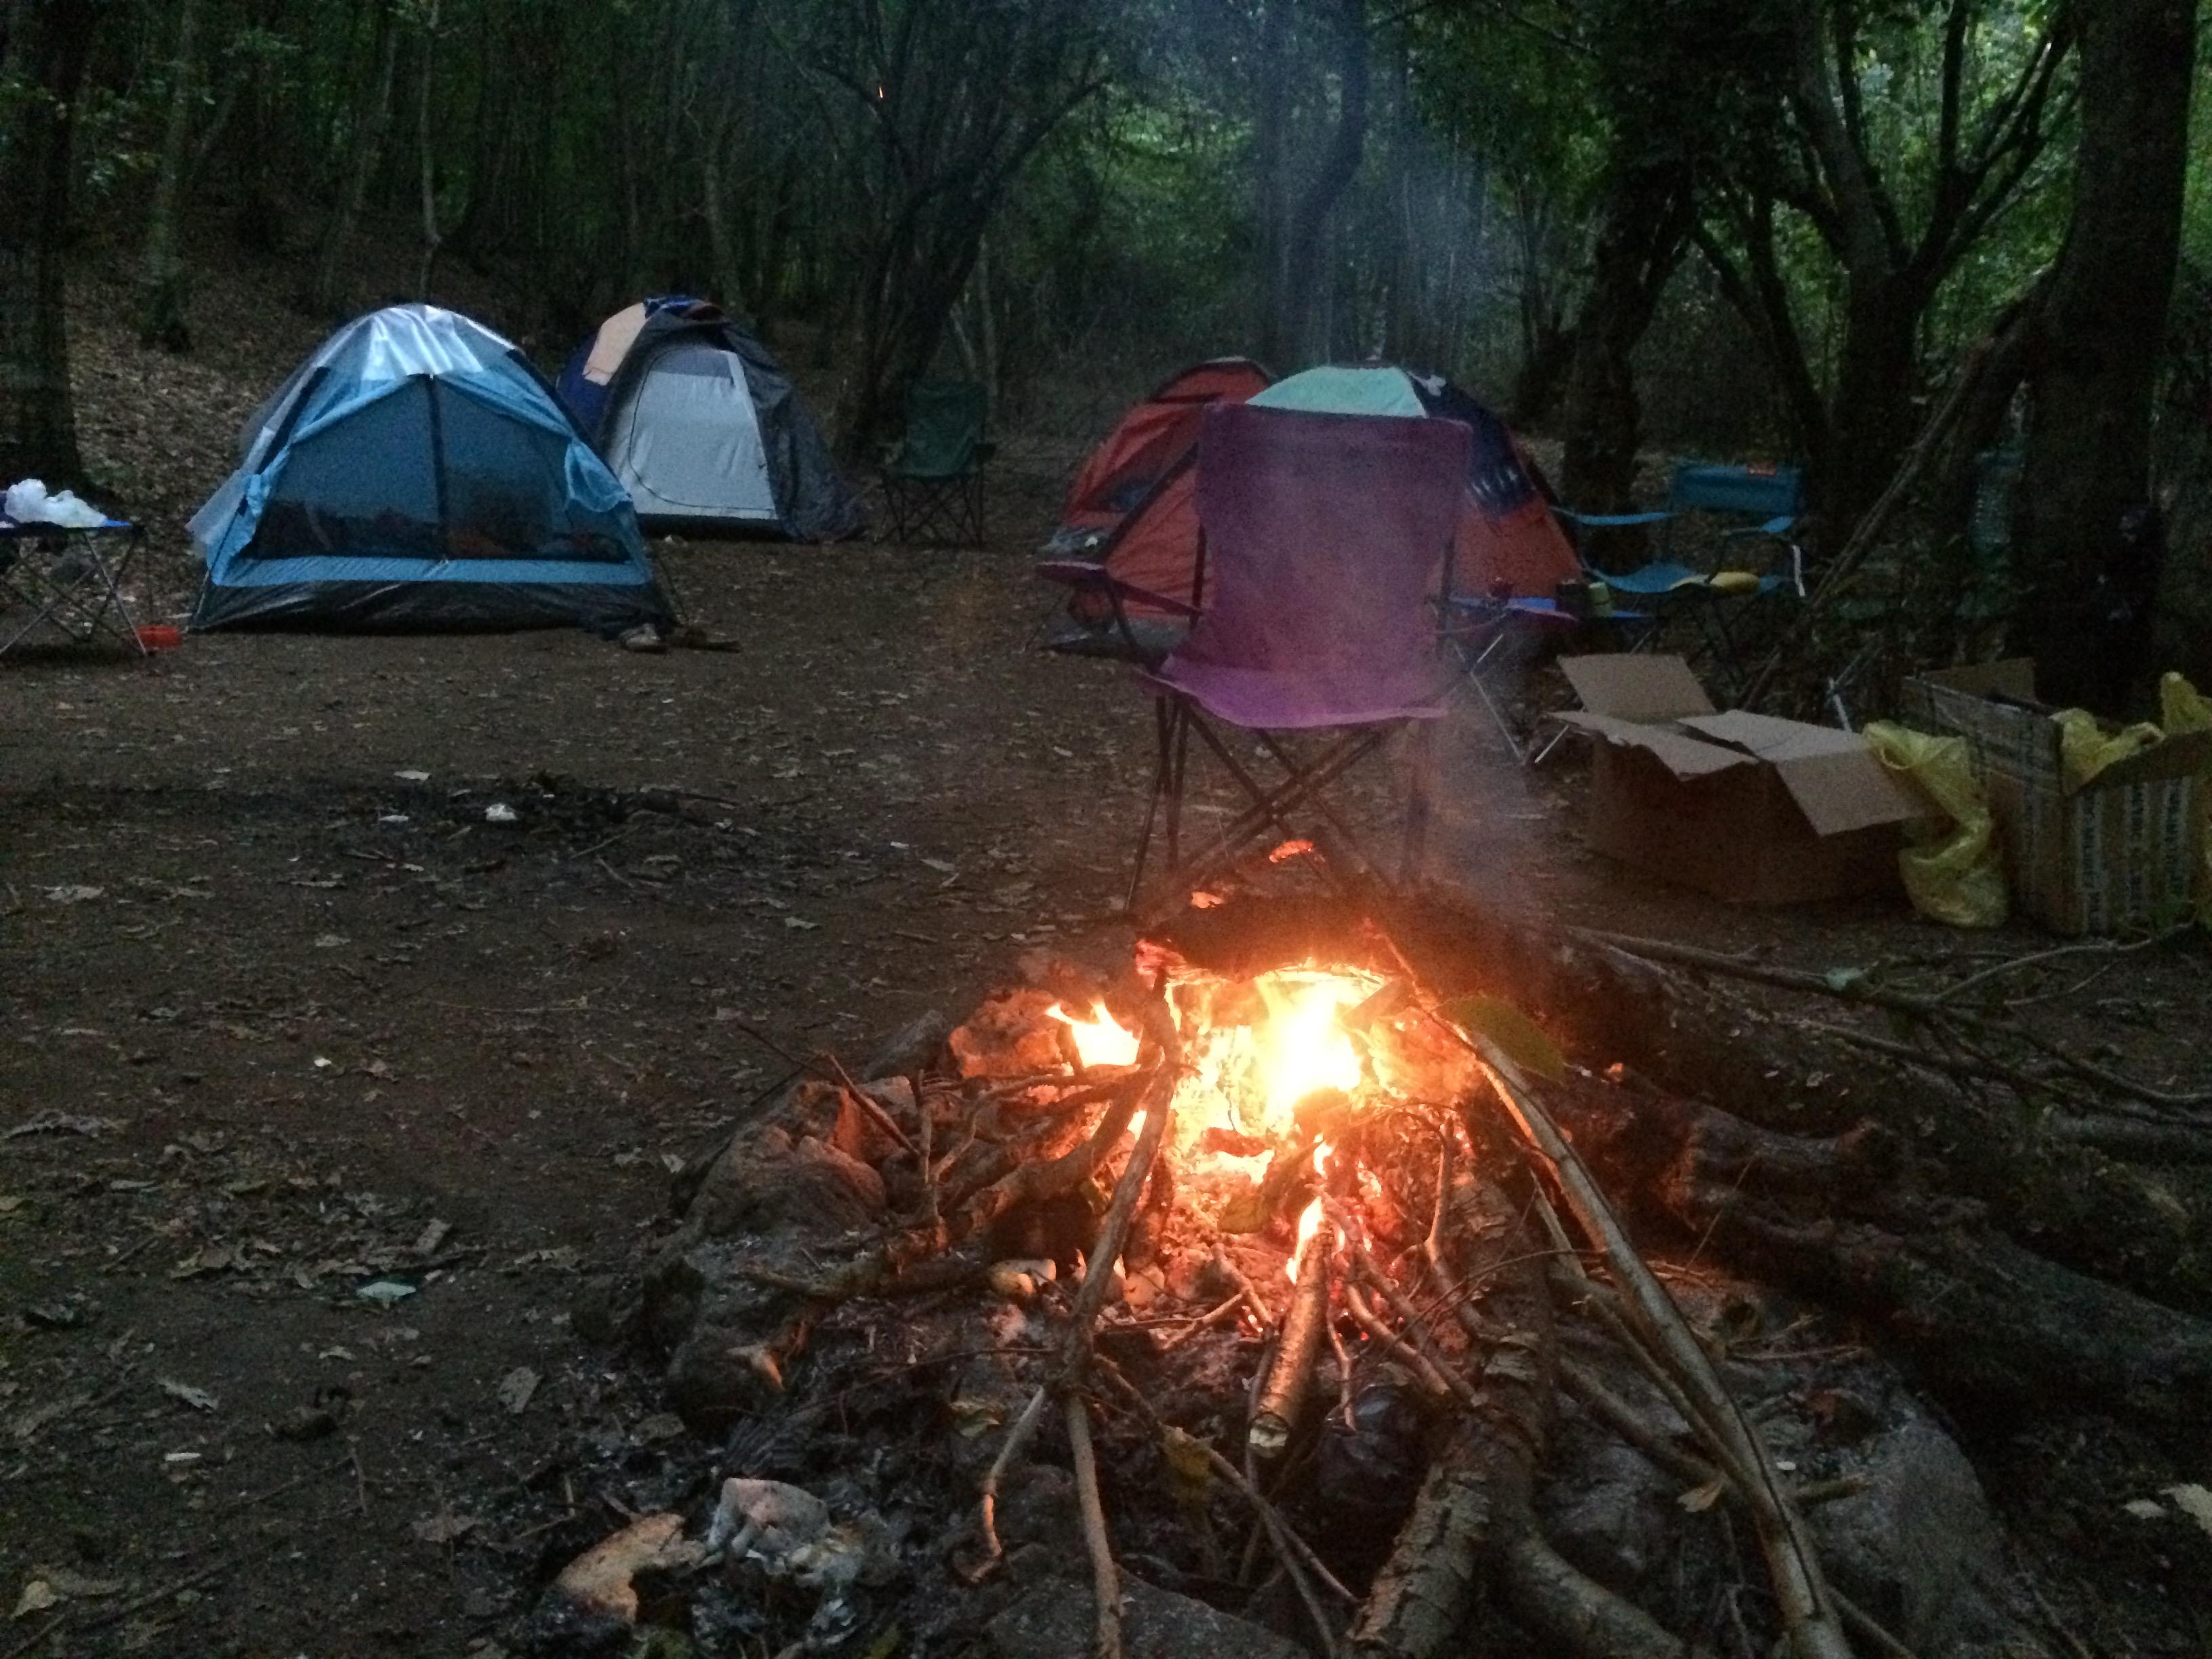 Doğayla İçi içe Yalova, Çınarcık, Erikli Yaylası, Çifte Şelaleler Kamp